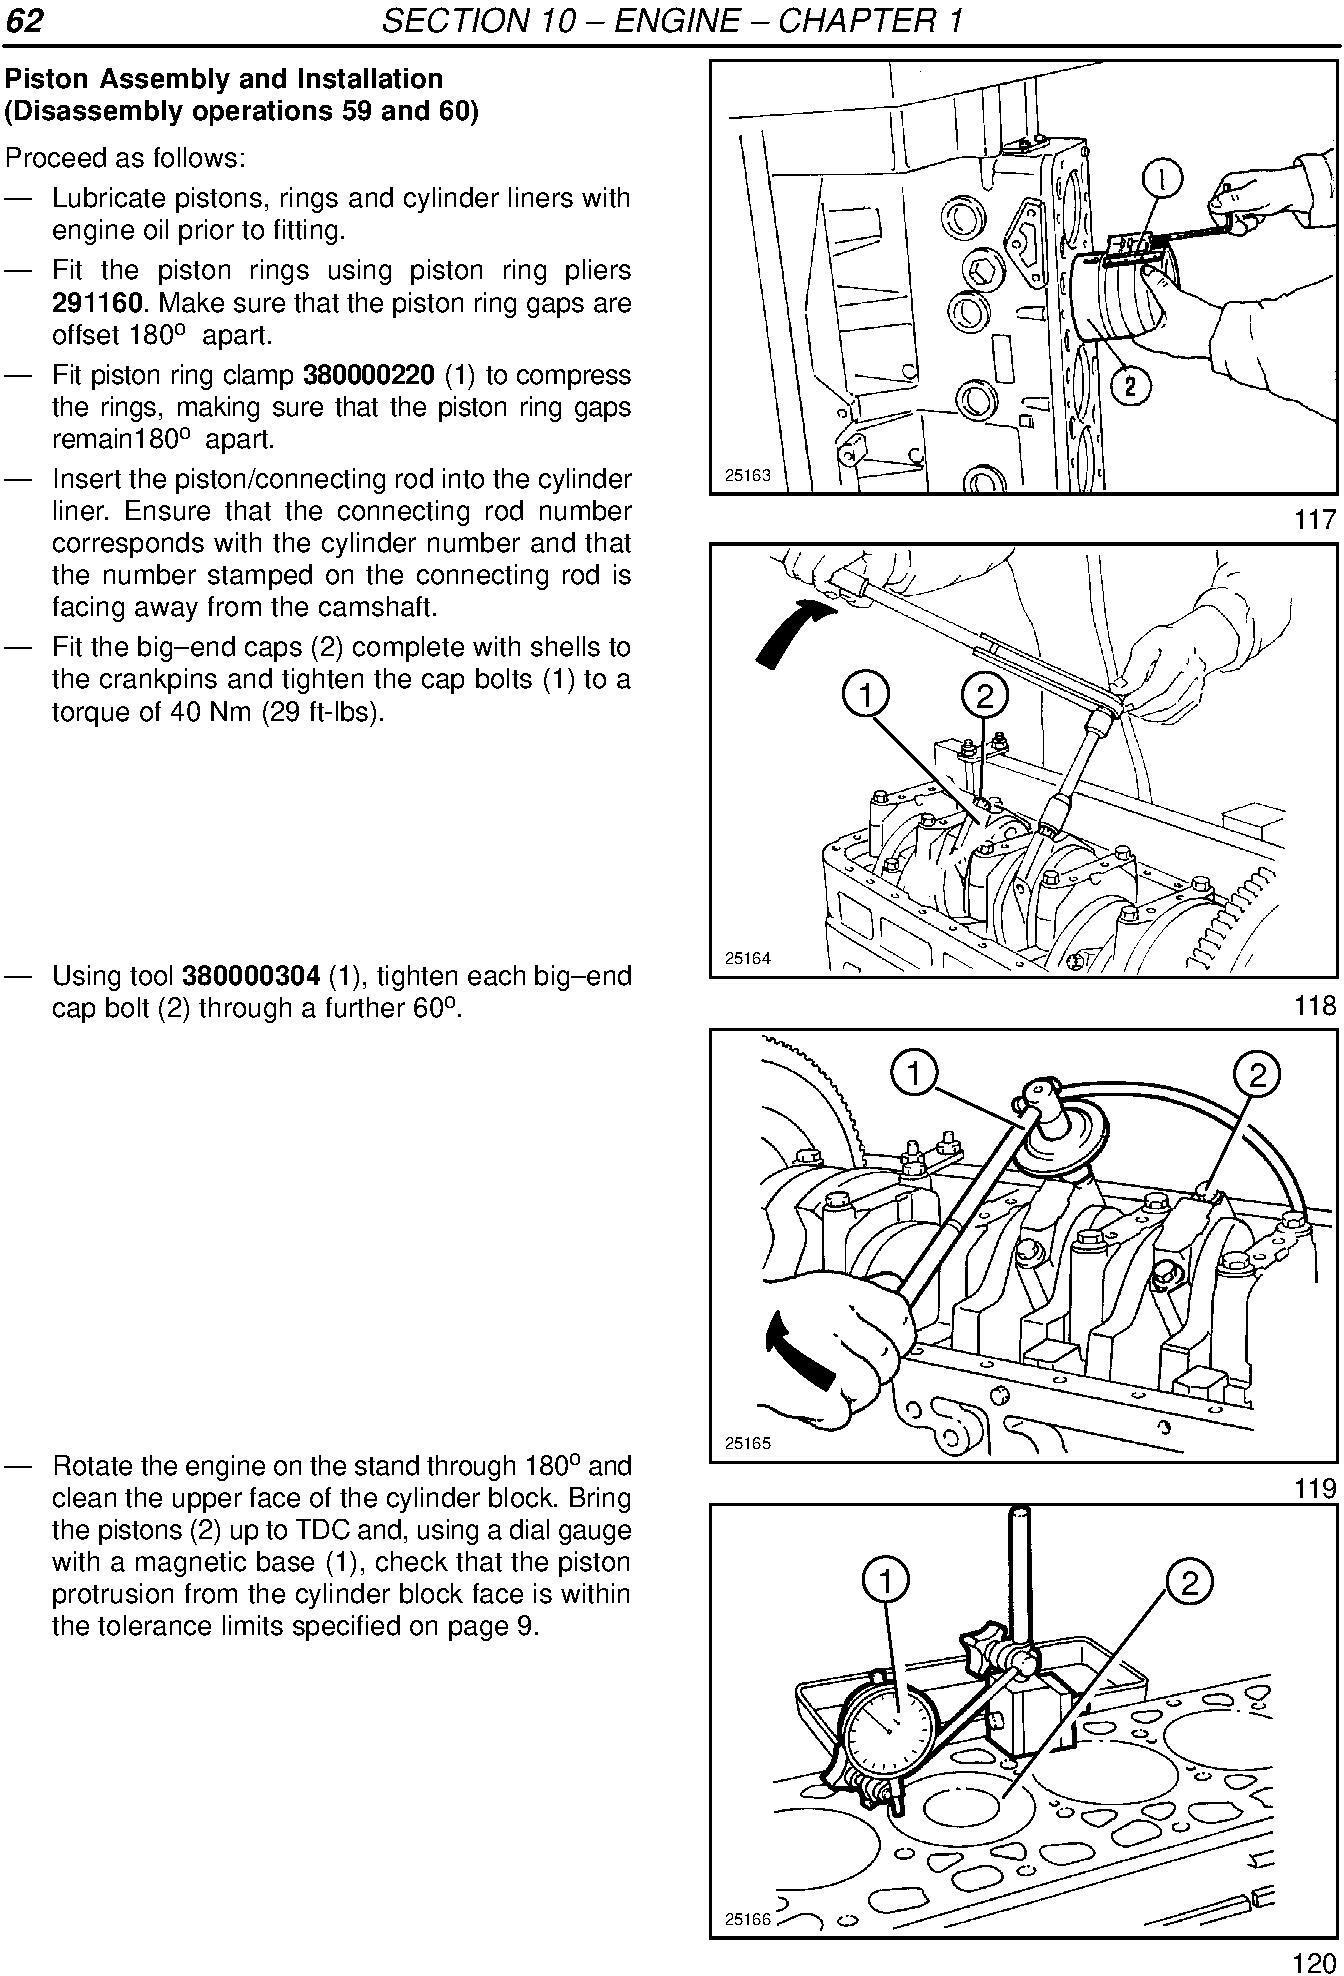 New Holland TD60, TD70, TD80, TD90, TD95 Straddle Mount Model Tractors Service Manual - 1